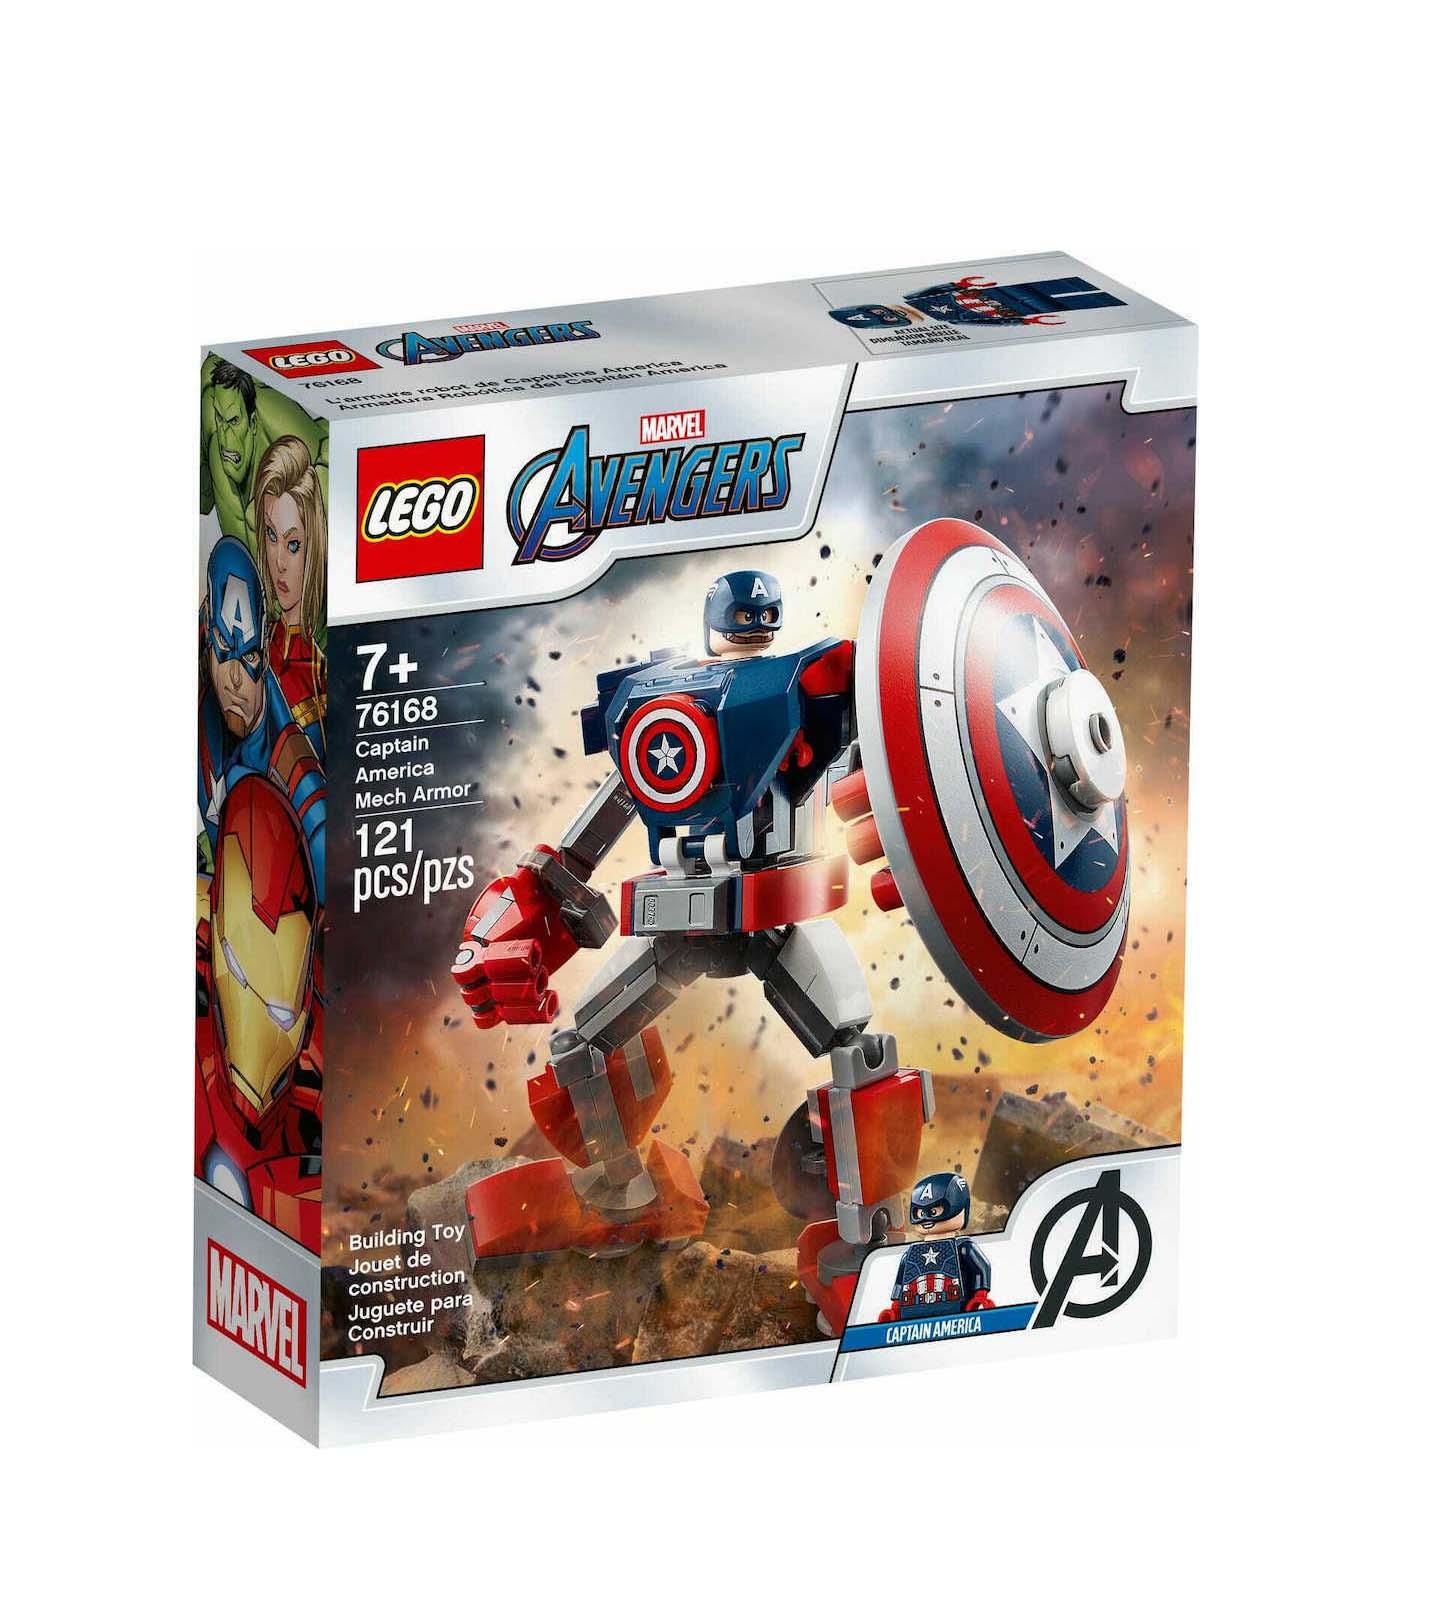 Lego Super Heroes: Marvel Avengers Captain America Mech Armor Set 76168